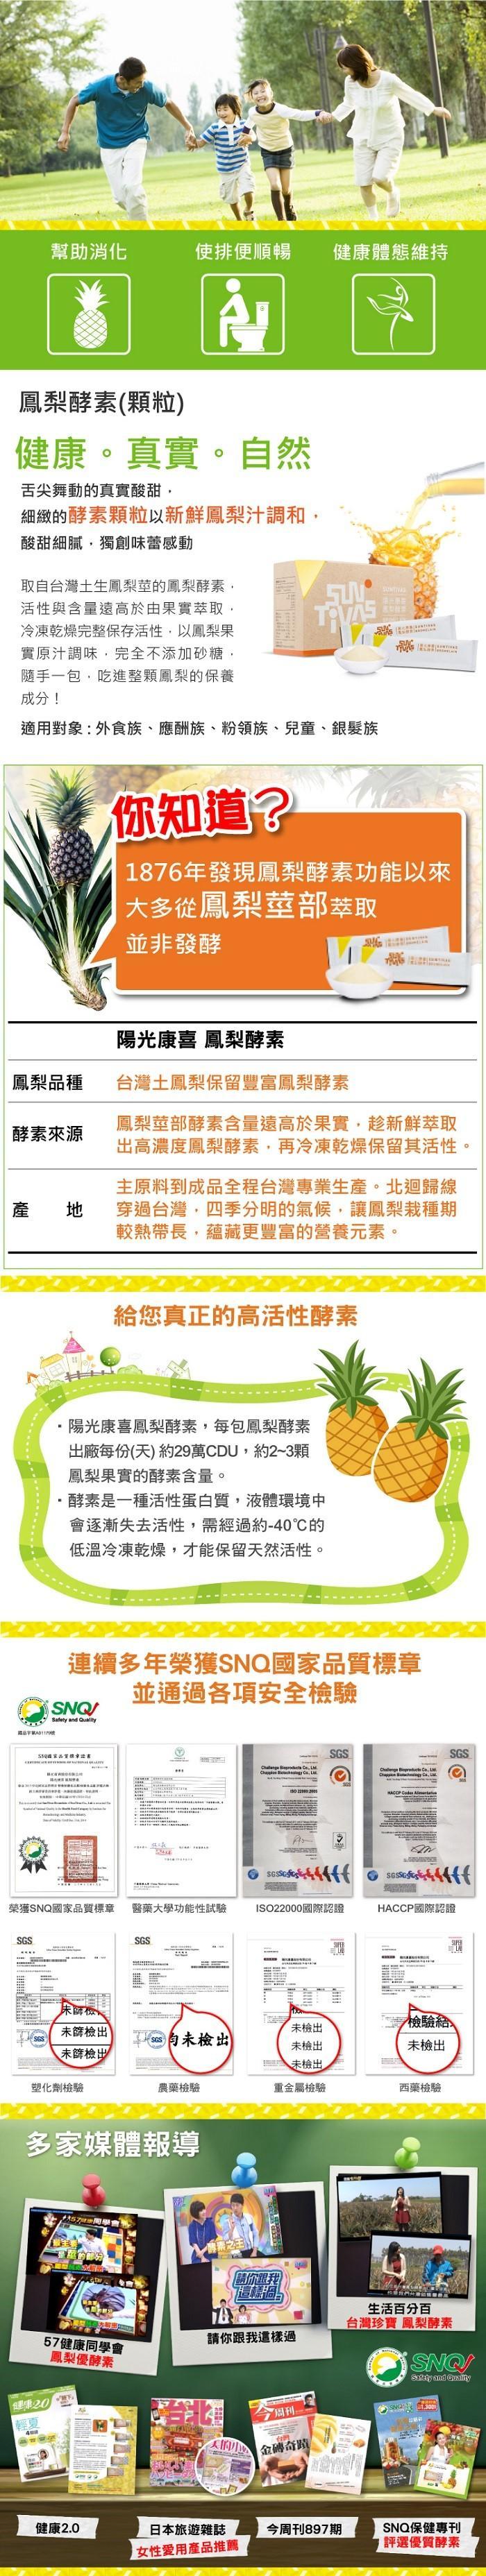 陽光康喜-鳳梨酵素(顆粒)產品說明。